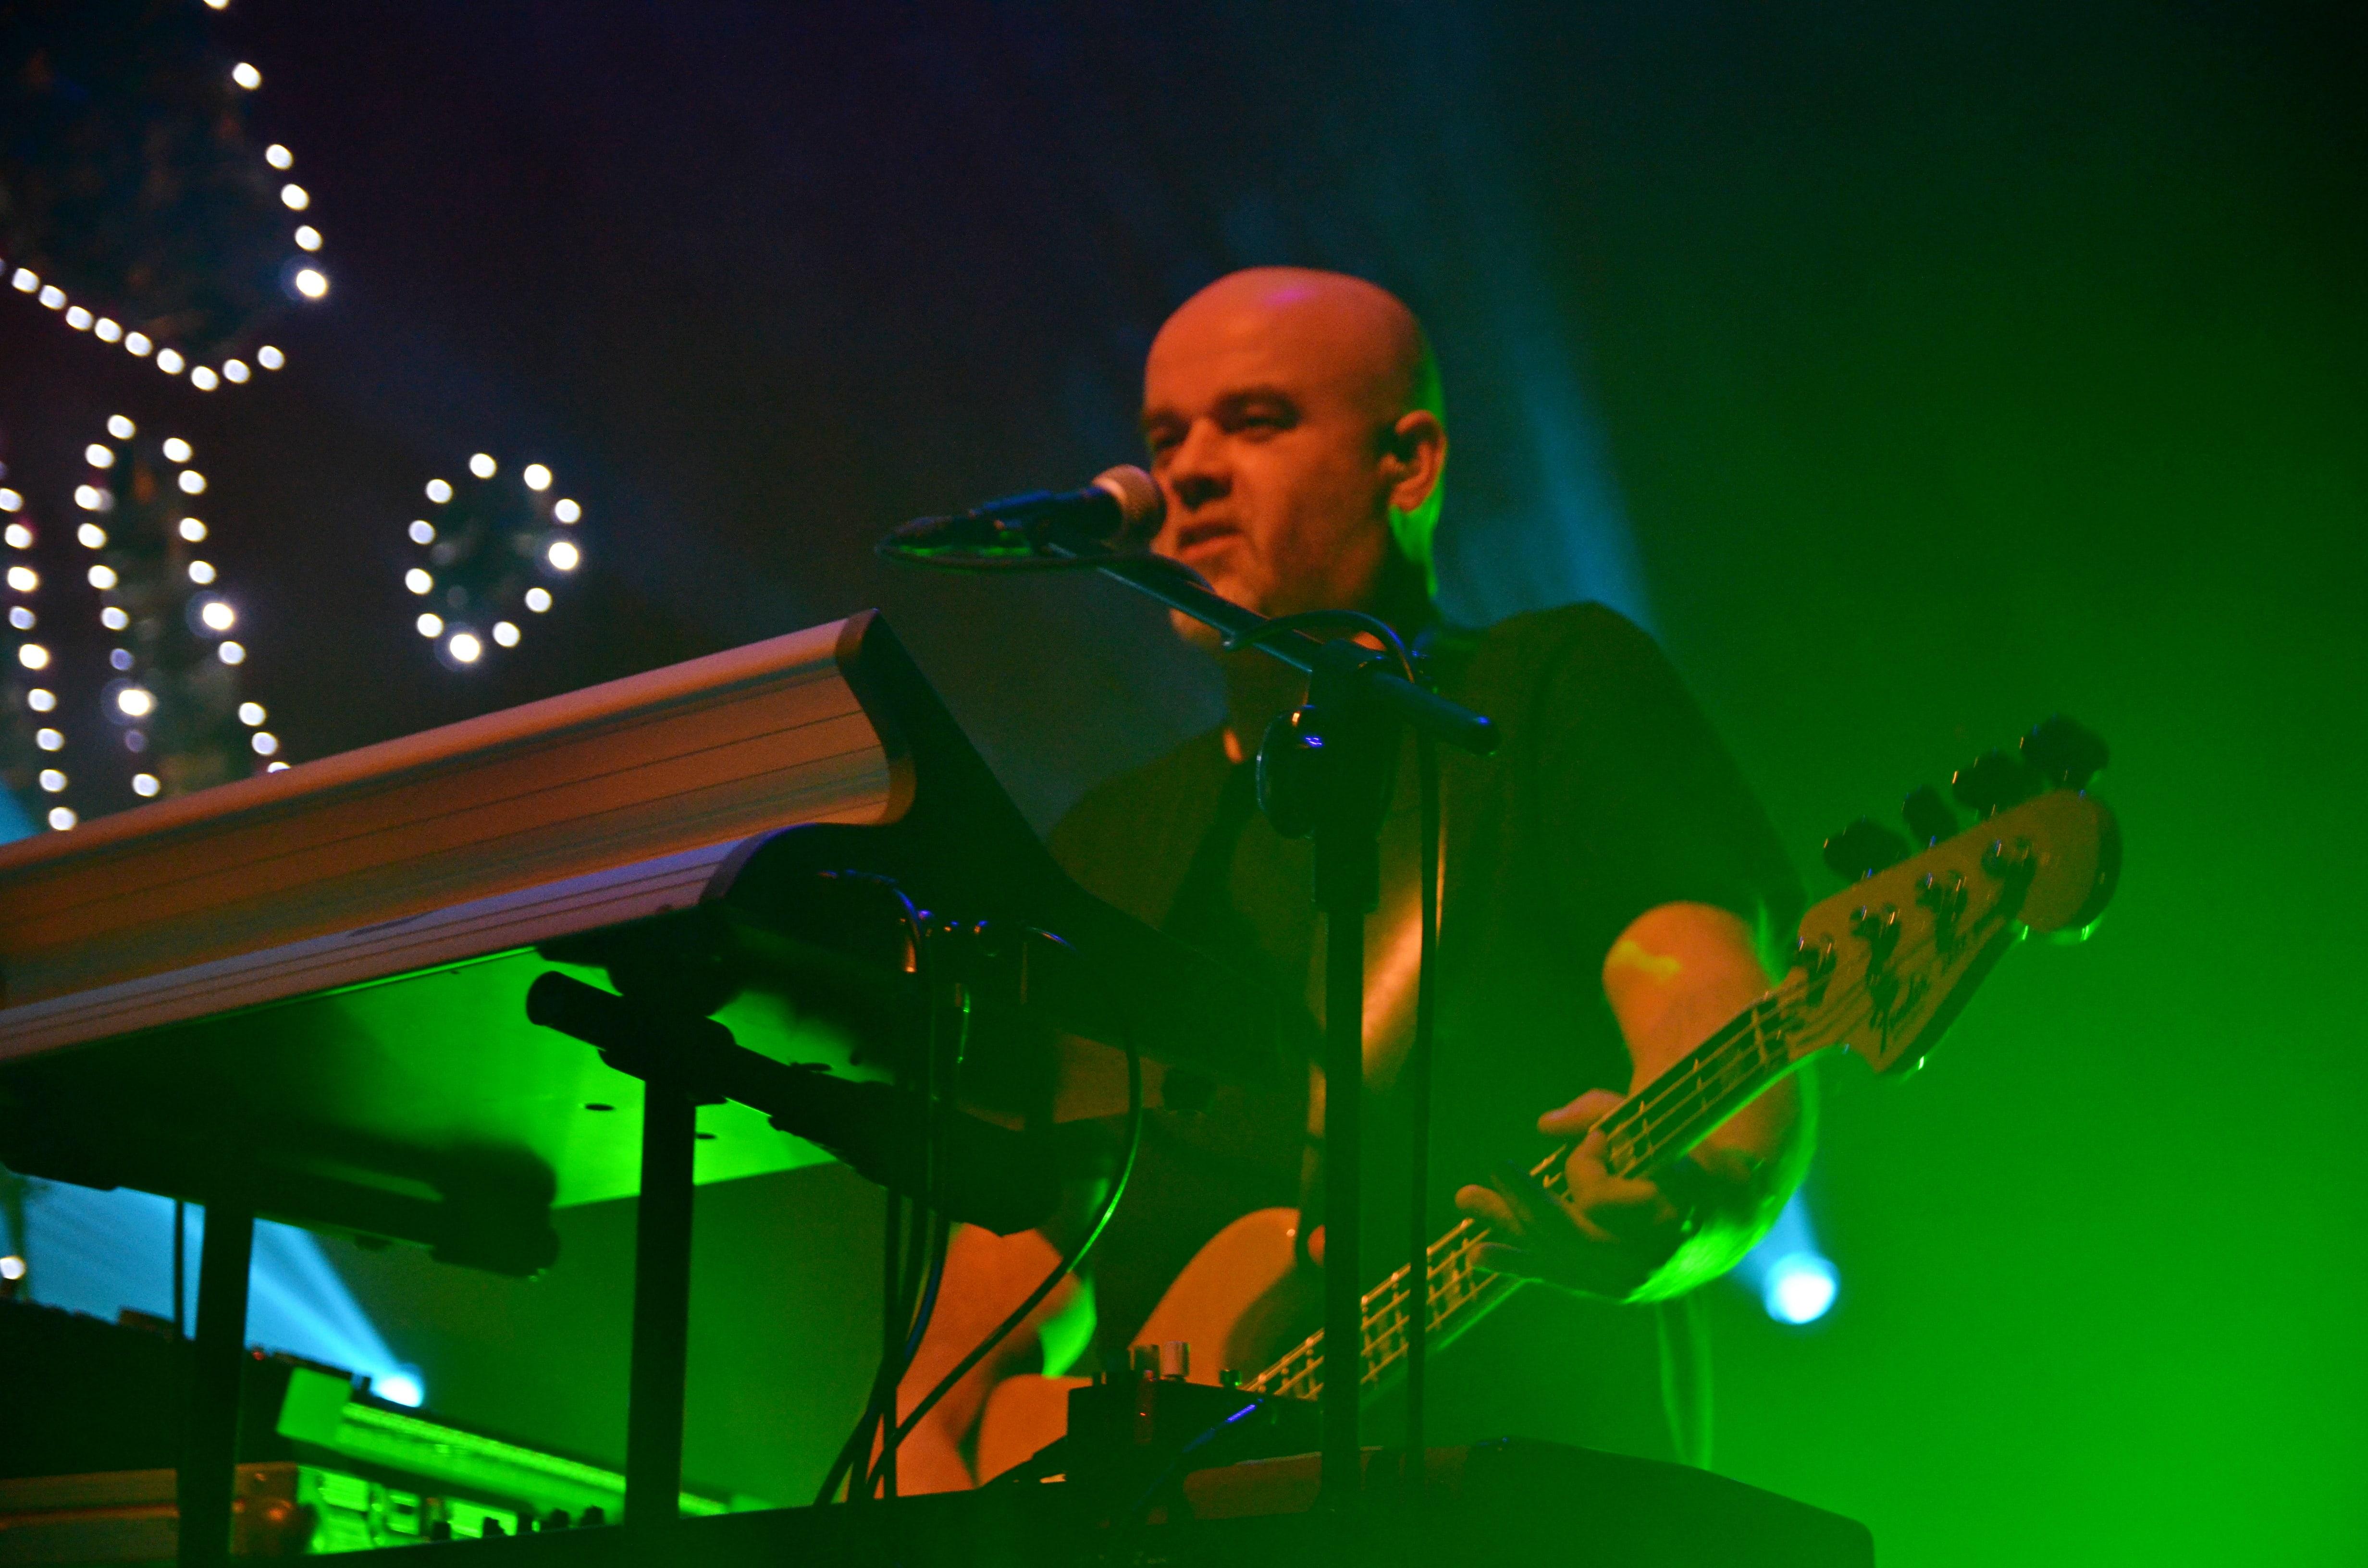 Gienia Krzysztof Zalewski